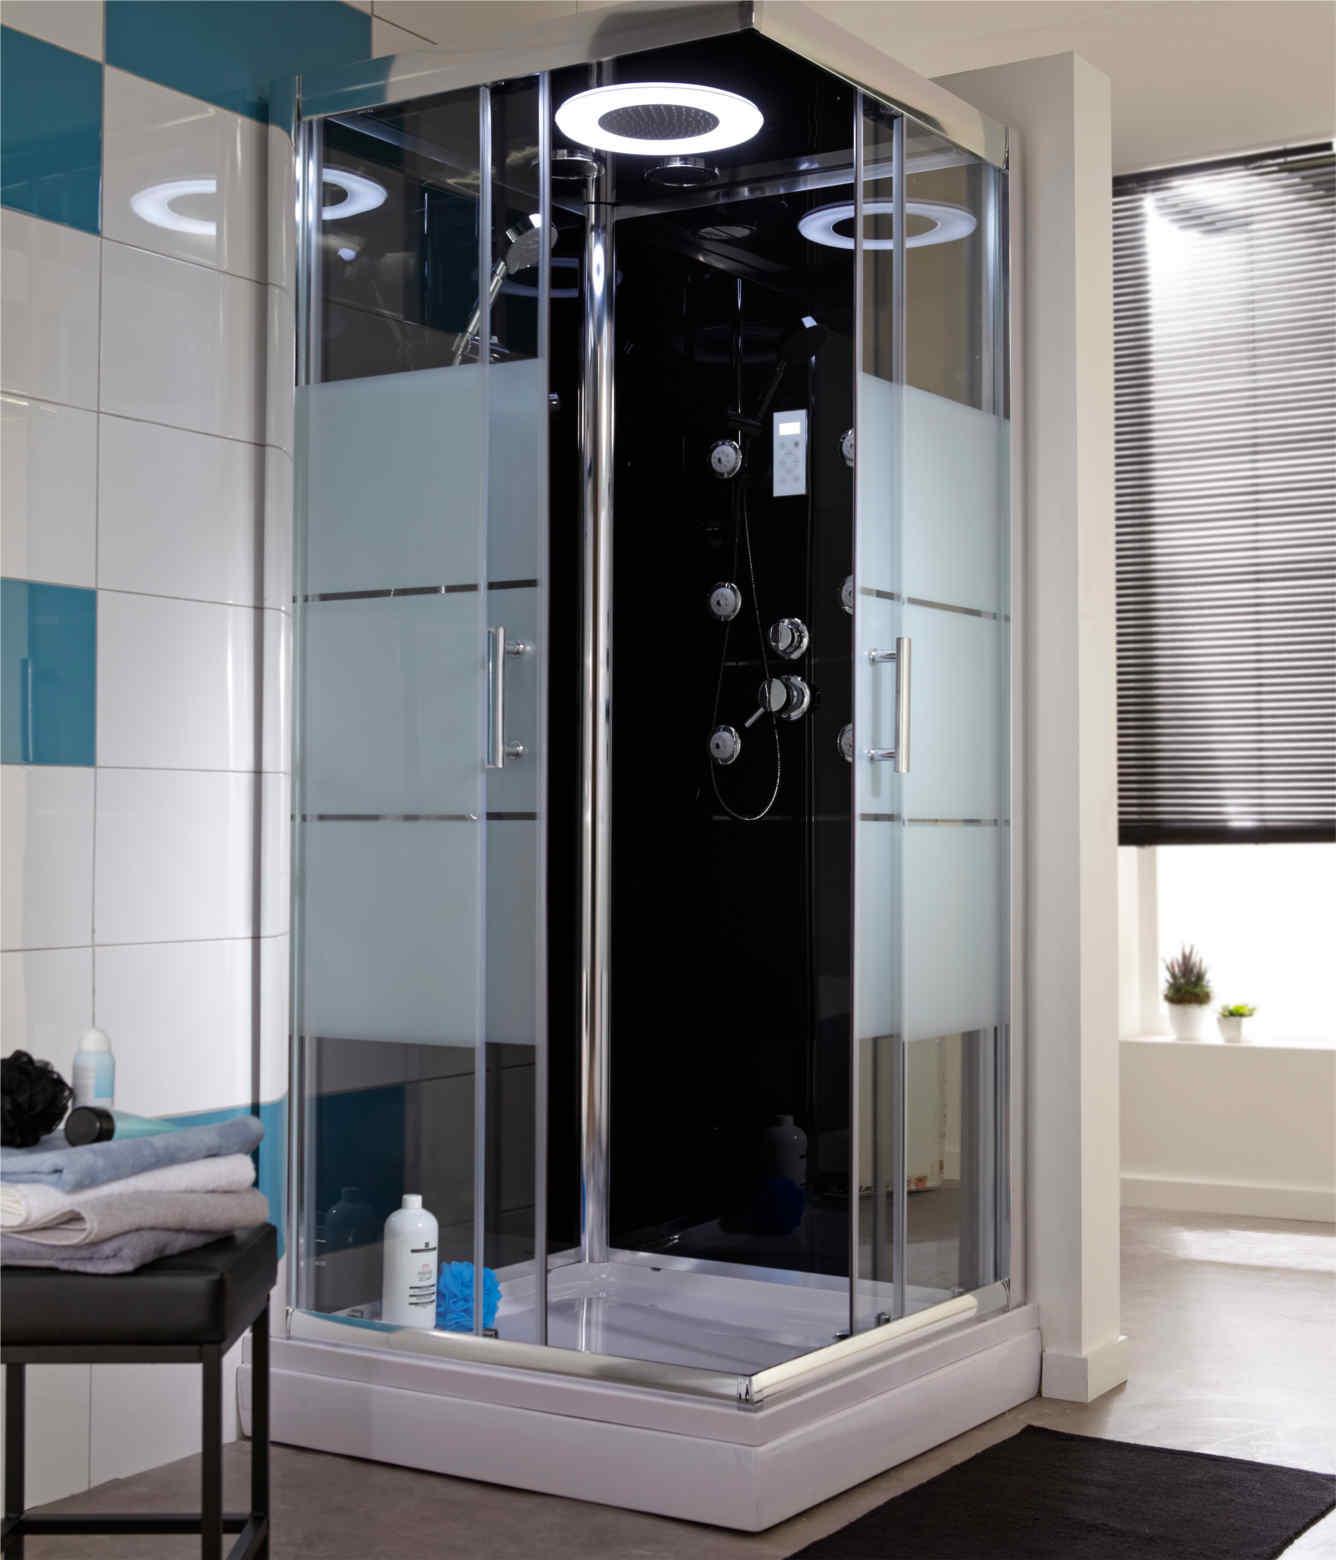 cabine de douche integrale avec mitigeur thermostatique. Black Bedroom Furniture Sets. Home Design Ideas